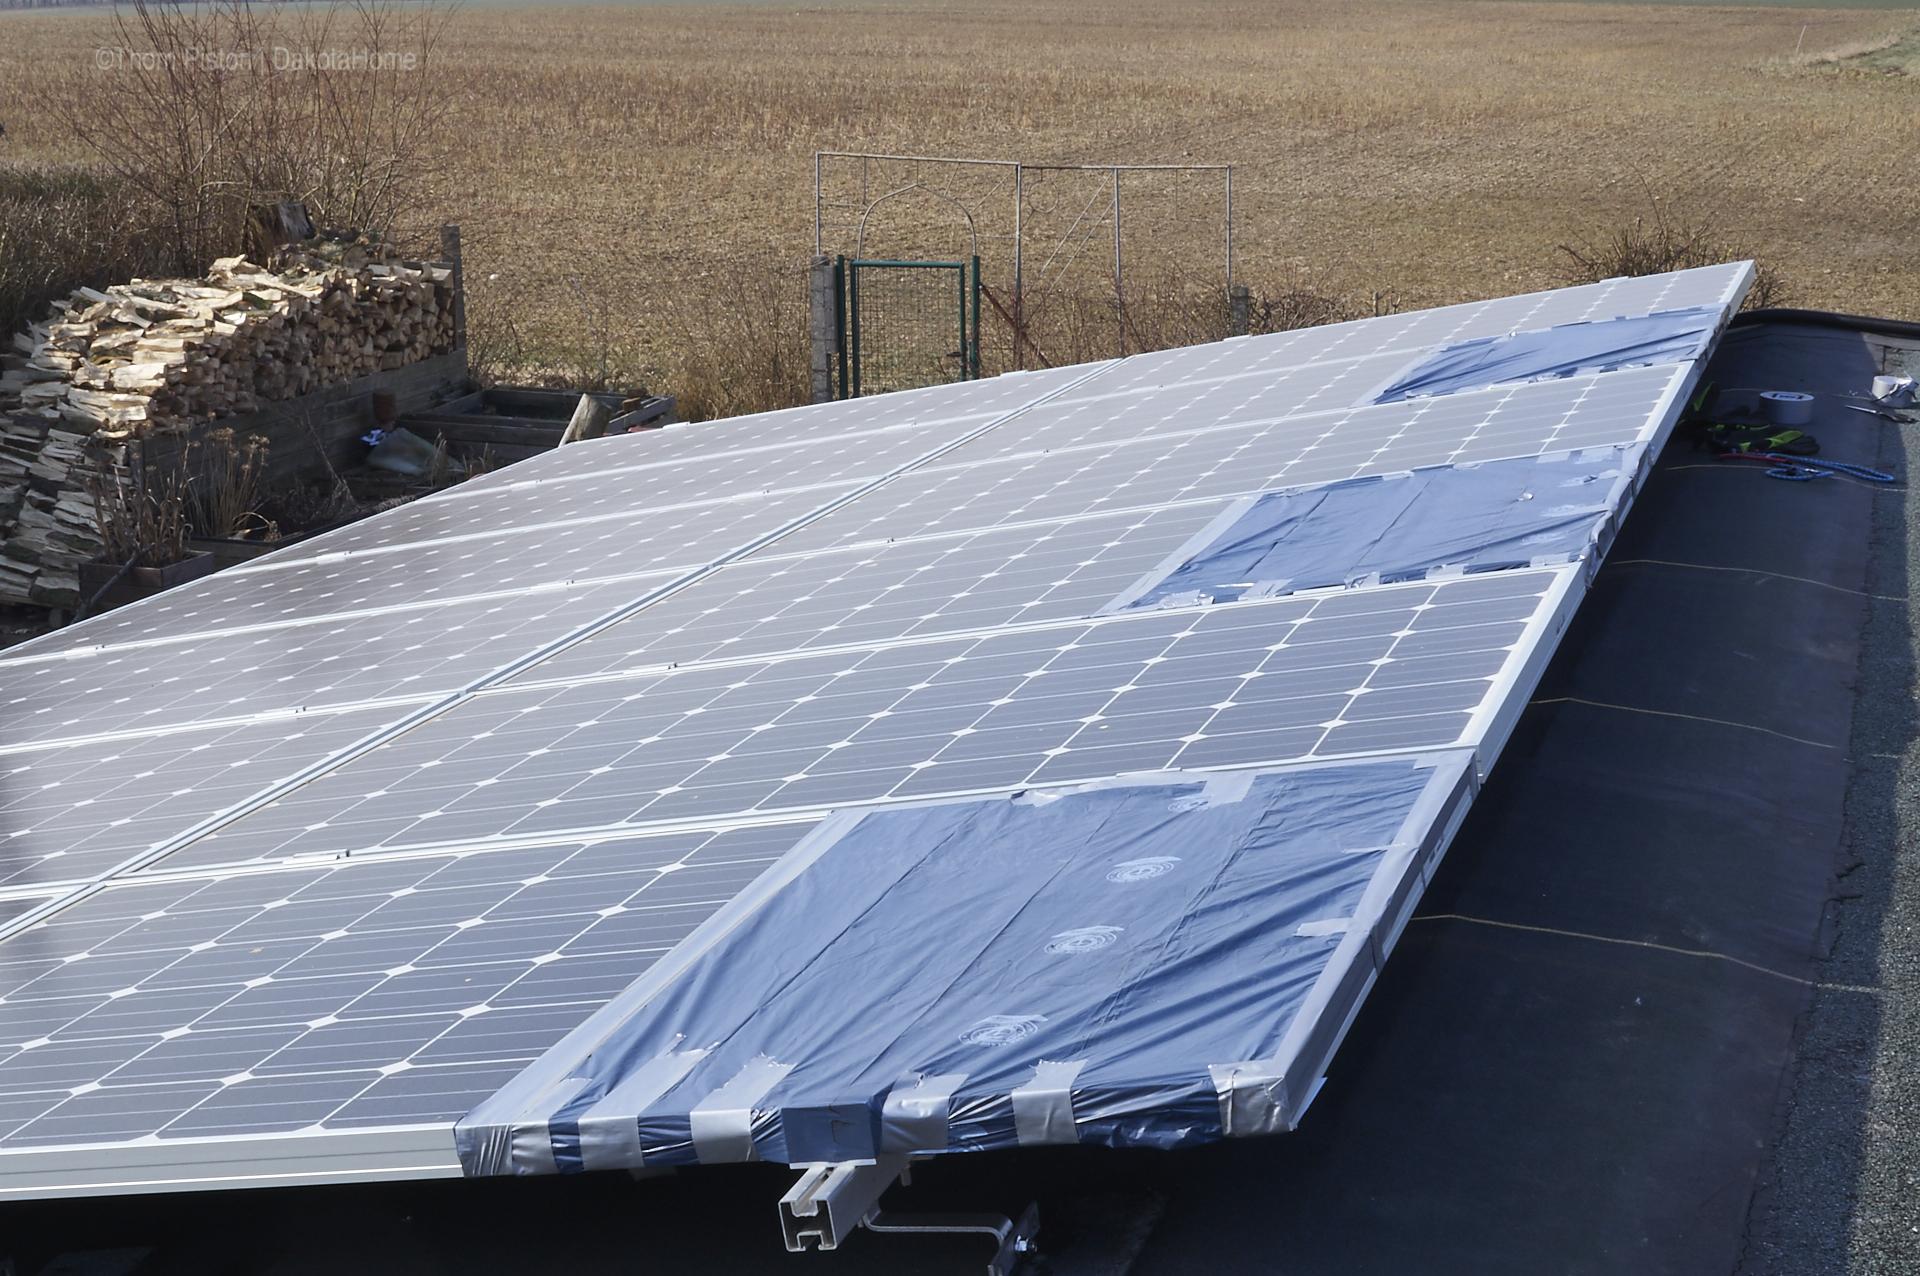 solarnlage dakota hme vor überspannung schützen..